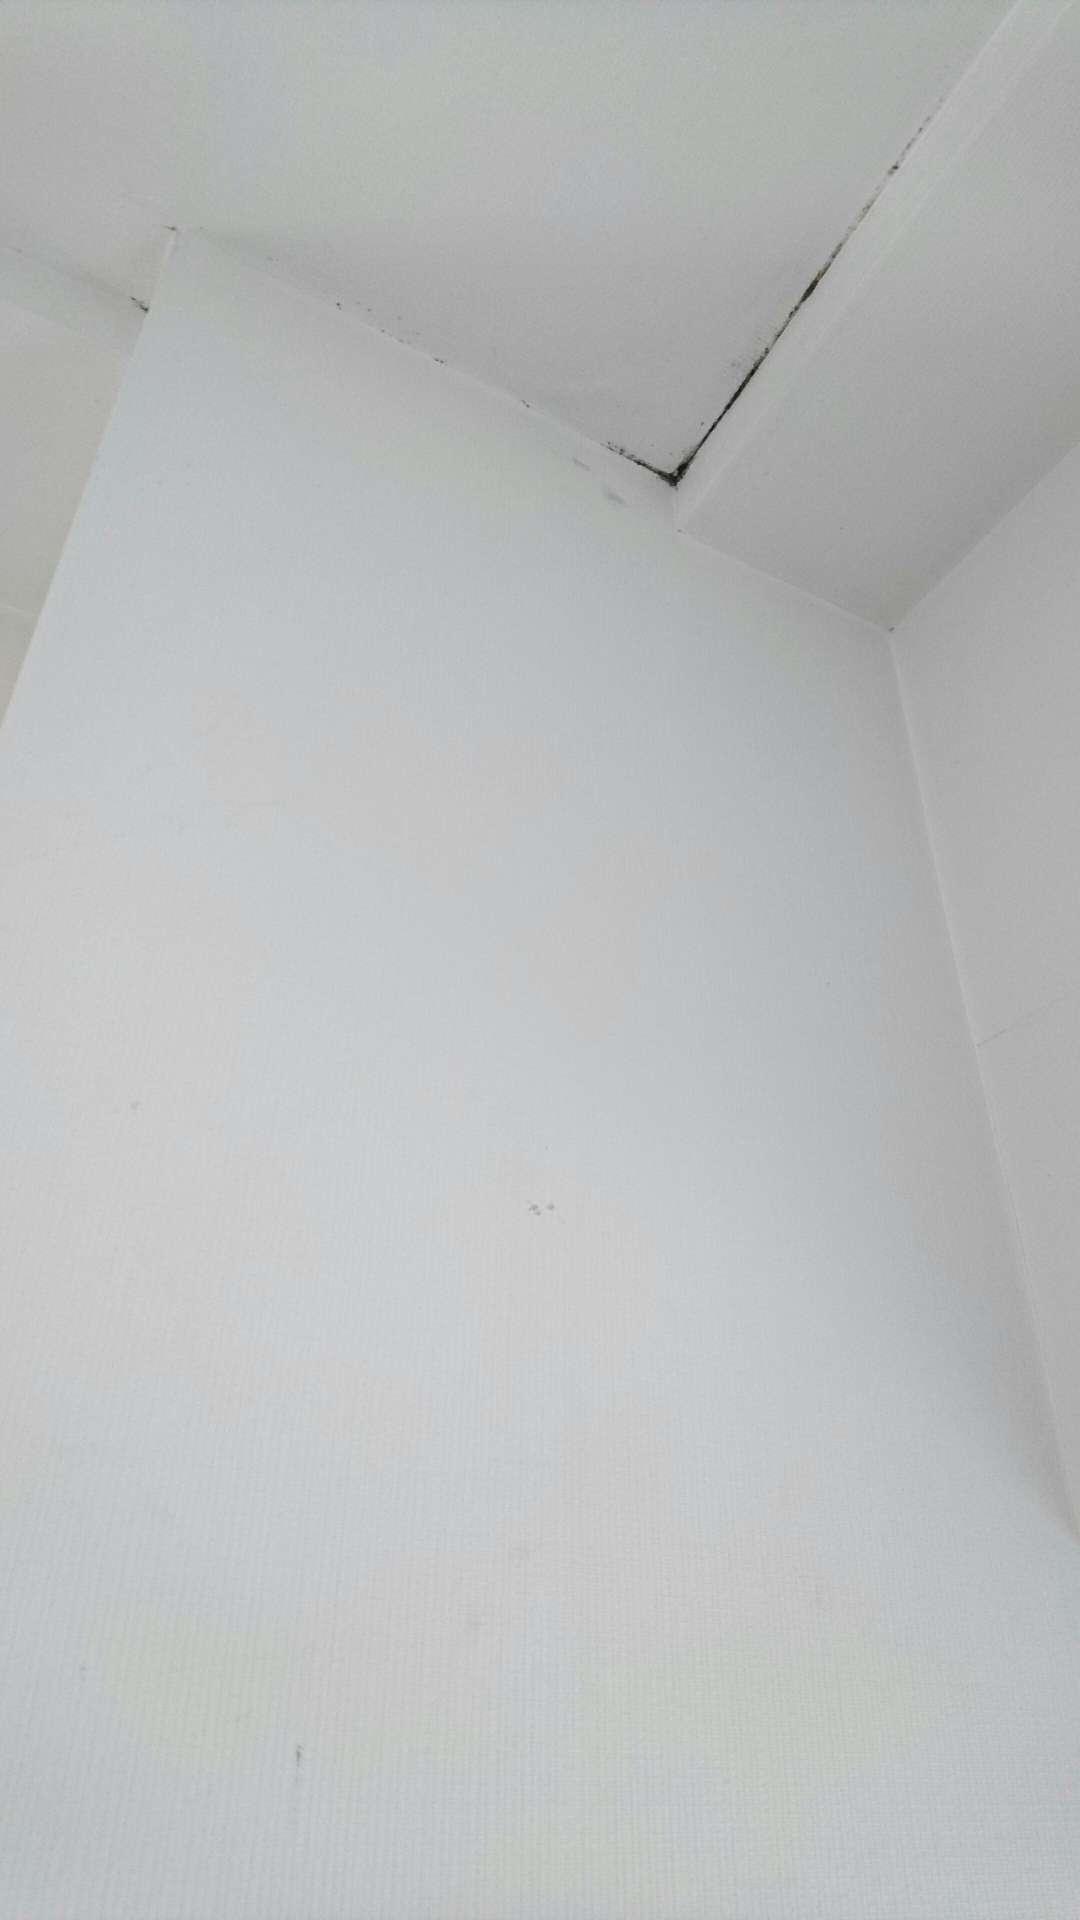 壁紙にカビが生えた時の掃除方法 大阪市の大規模改修工事 外壁屋根